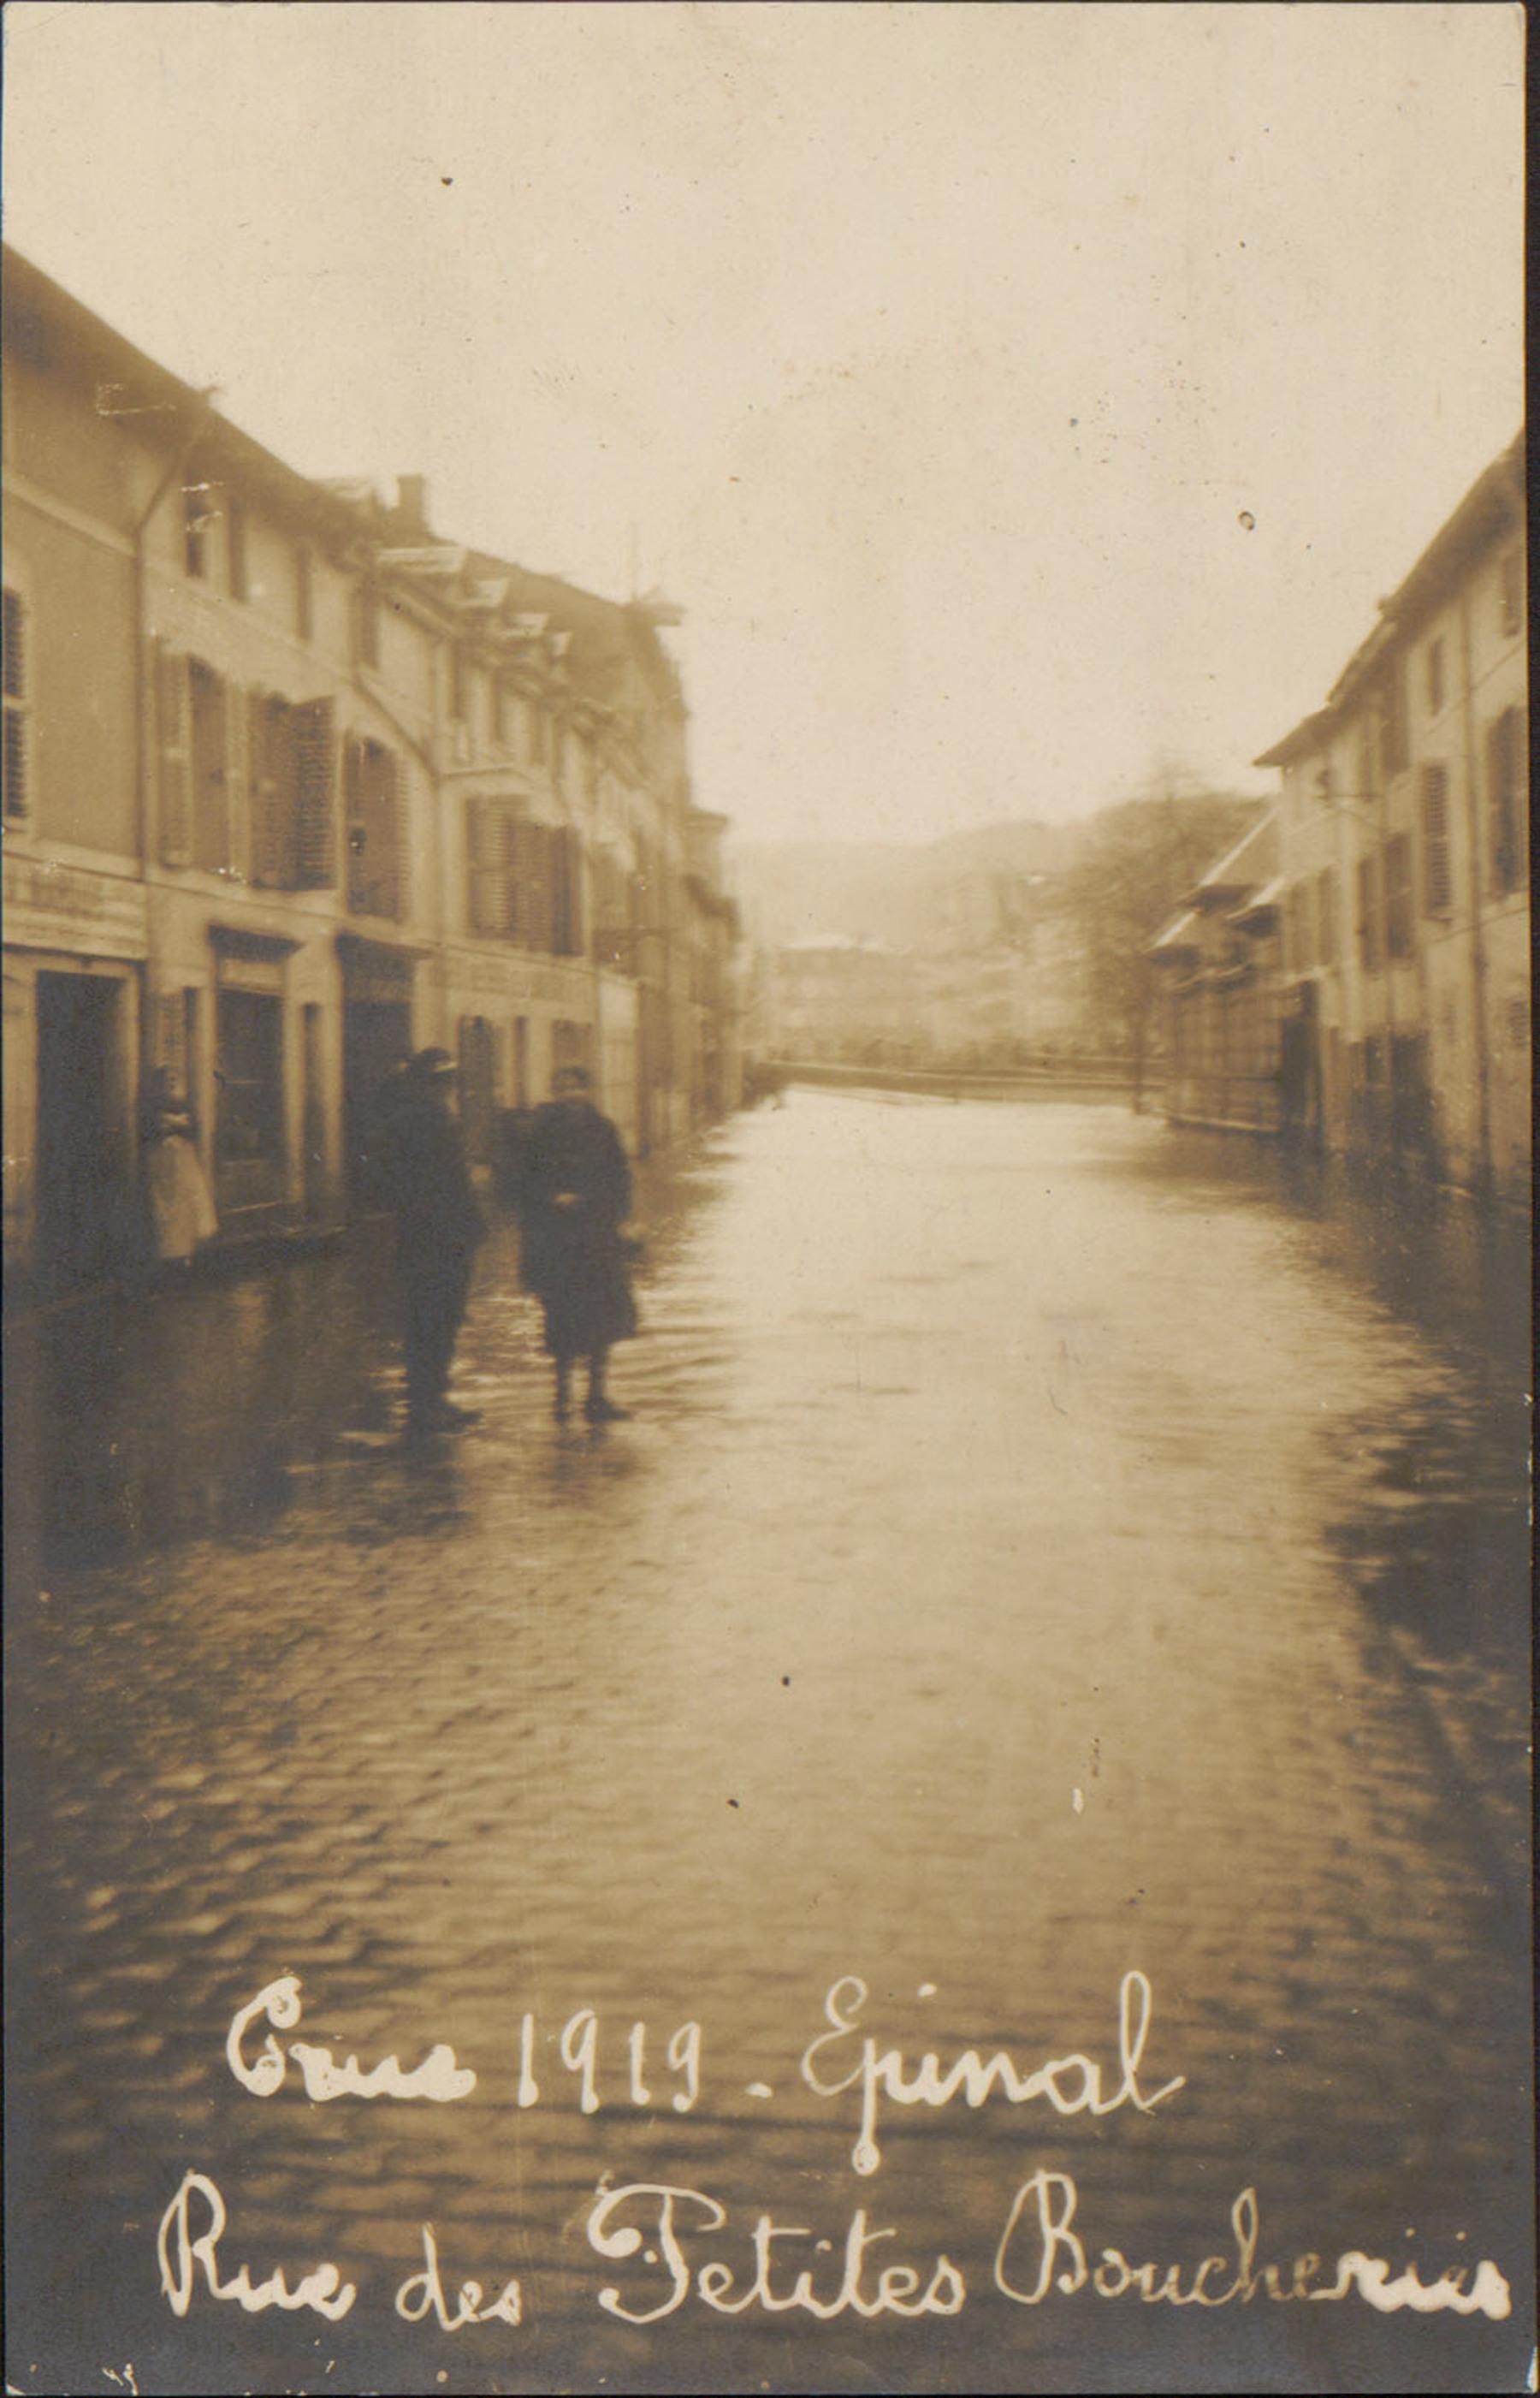 Contenu du Crue 1919 Épinal, Rue des Petites Boucheries